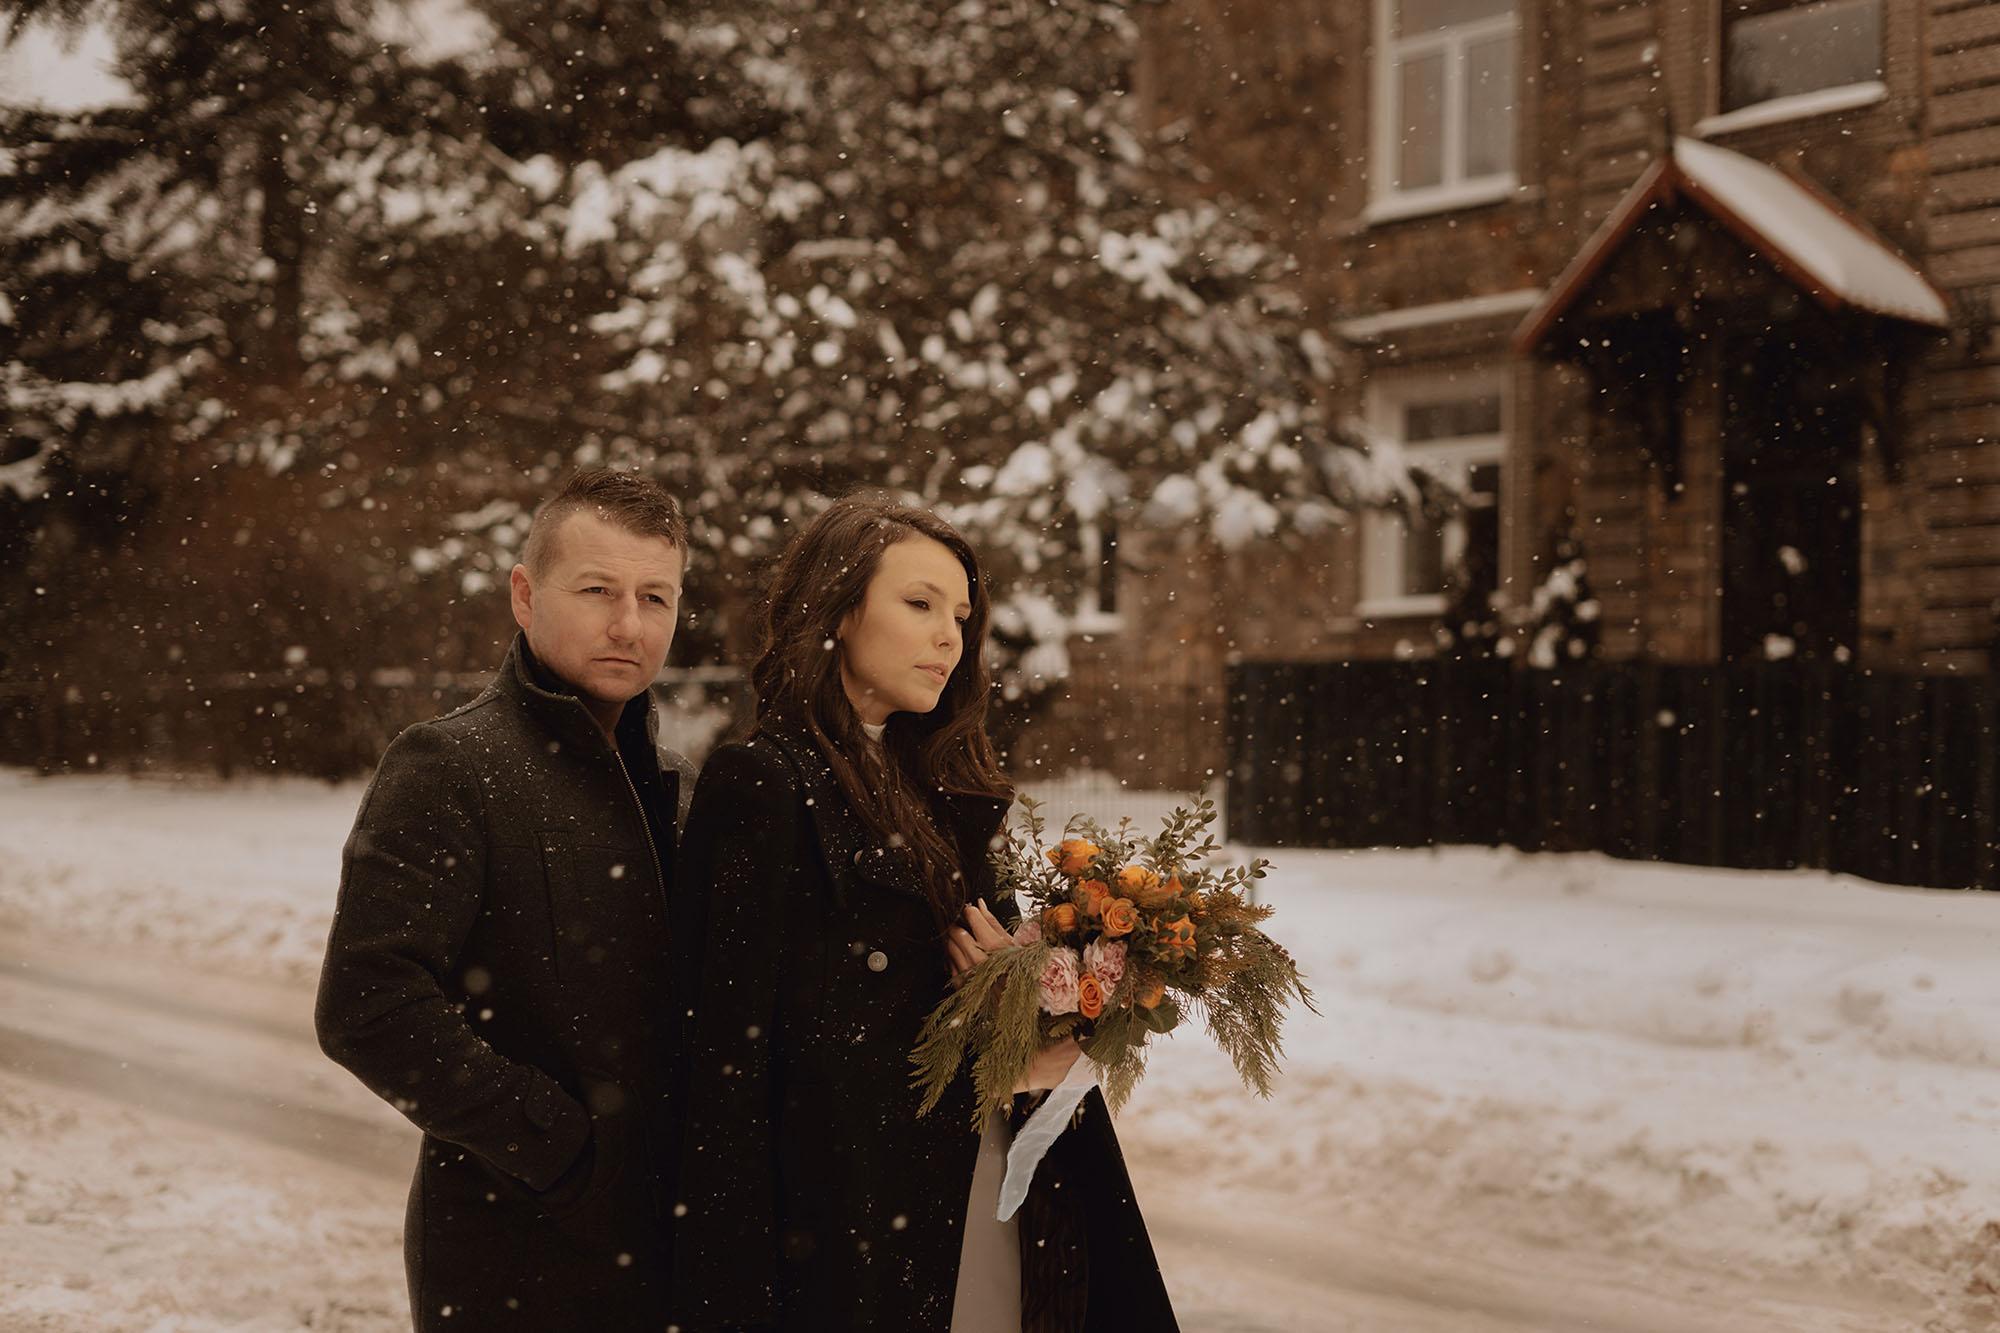 zimowa sesja dla pary00003 - Miłość